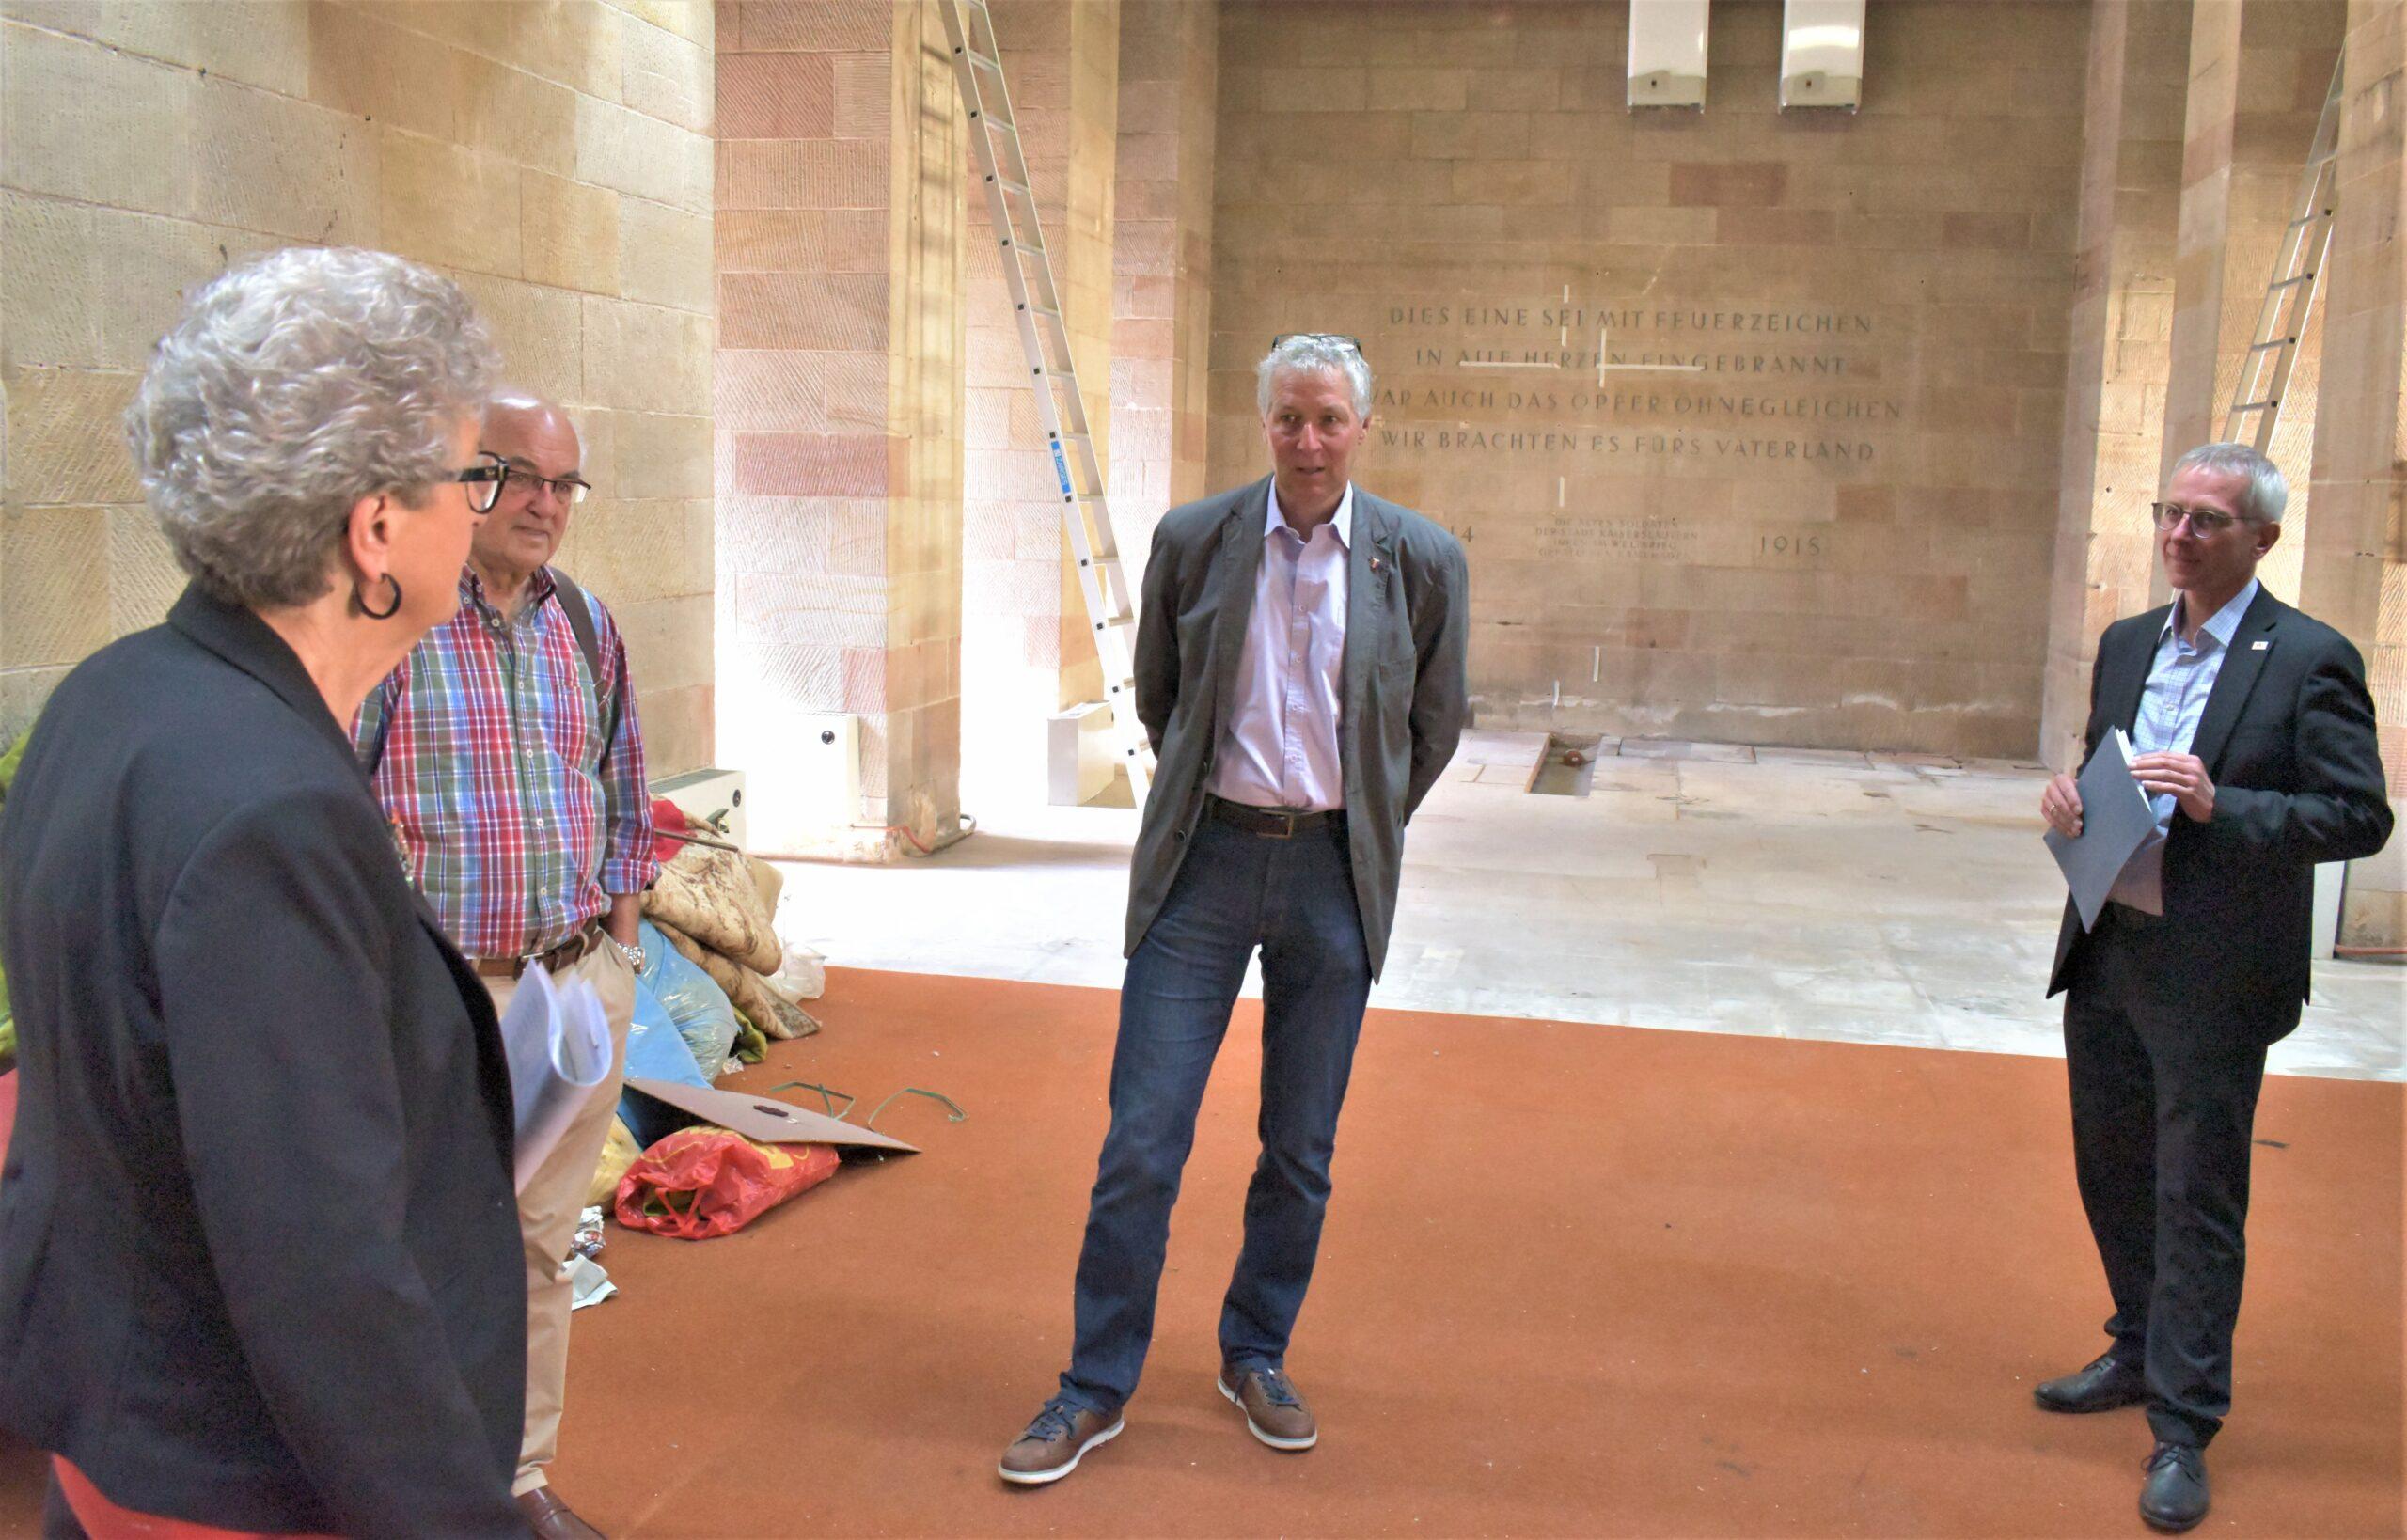 Friedenskapelle: Renovierungsarbeiten angelaufen